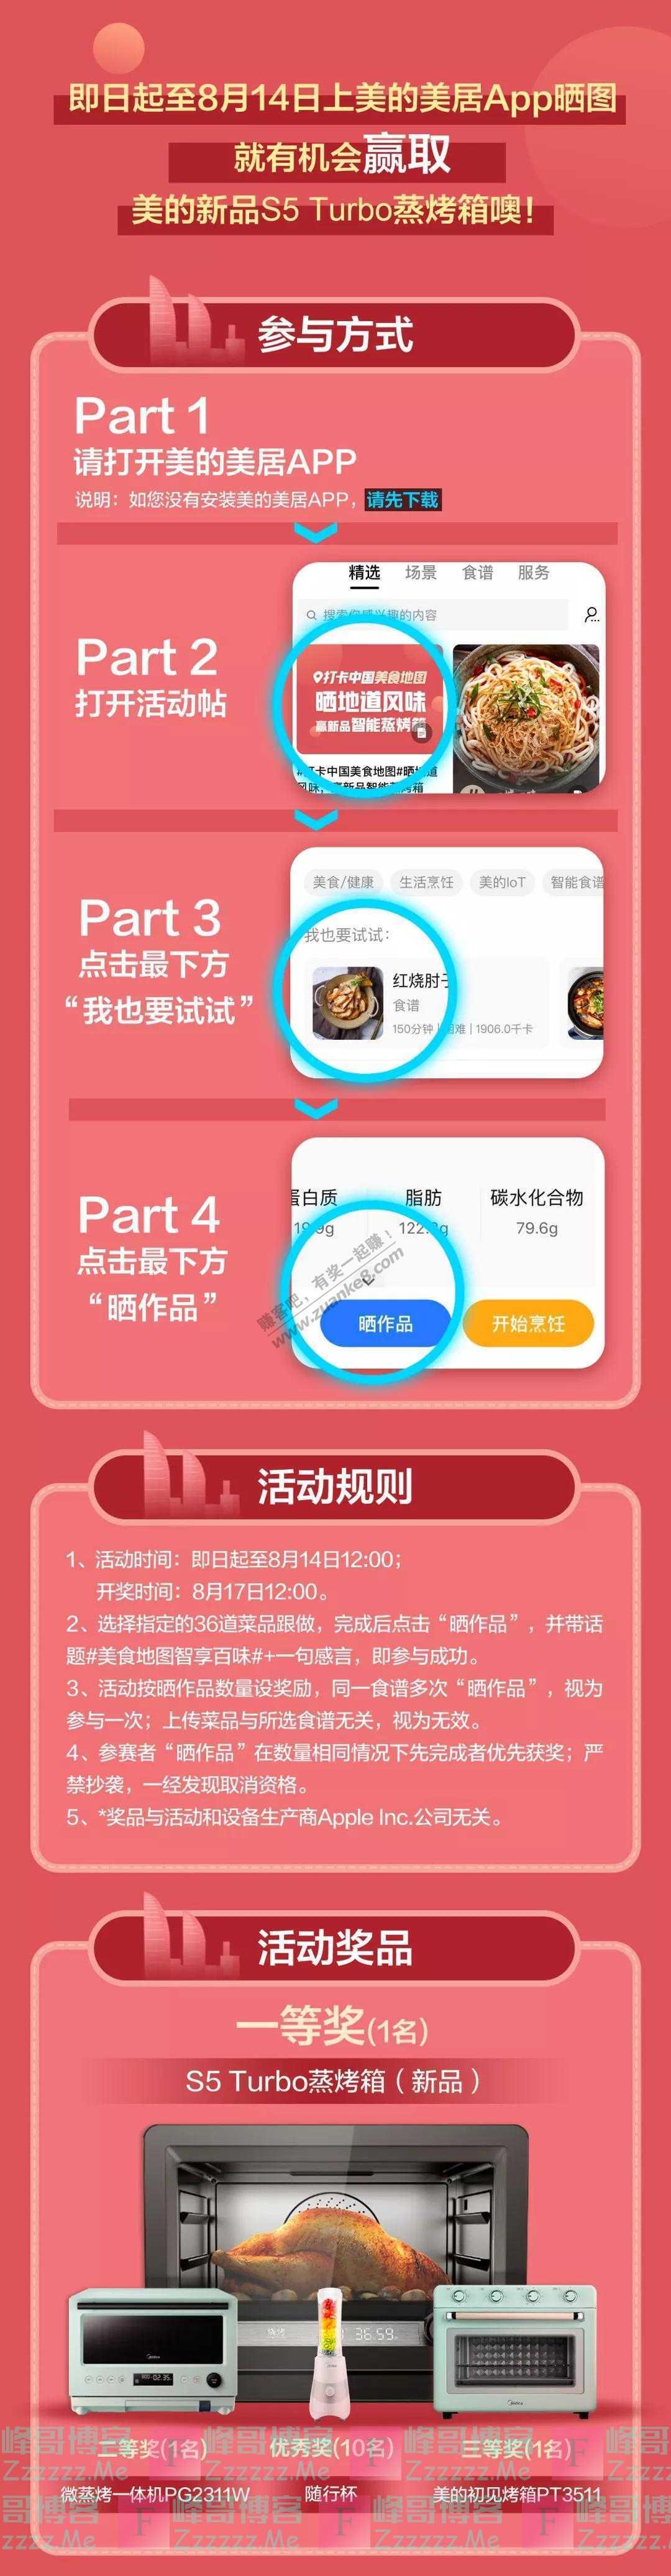 美居app晒美食,赢烤箱(截止8月14日)